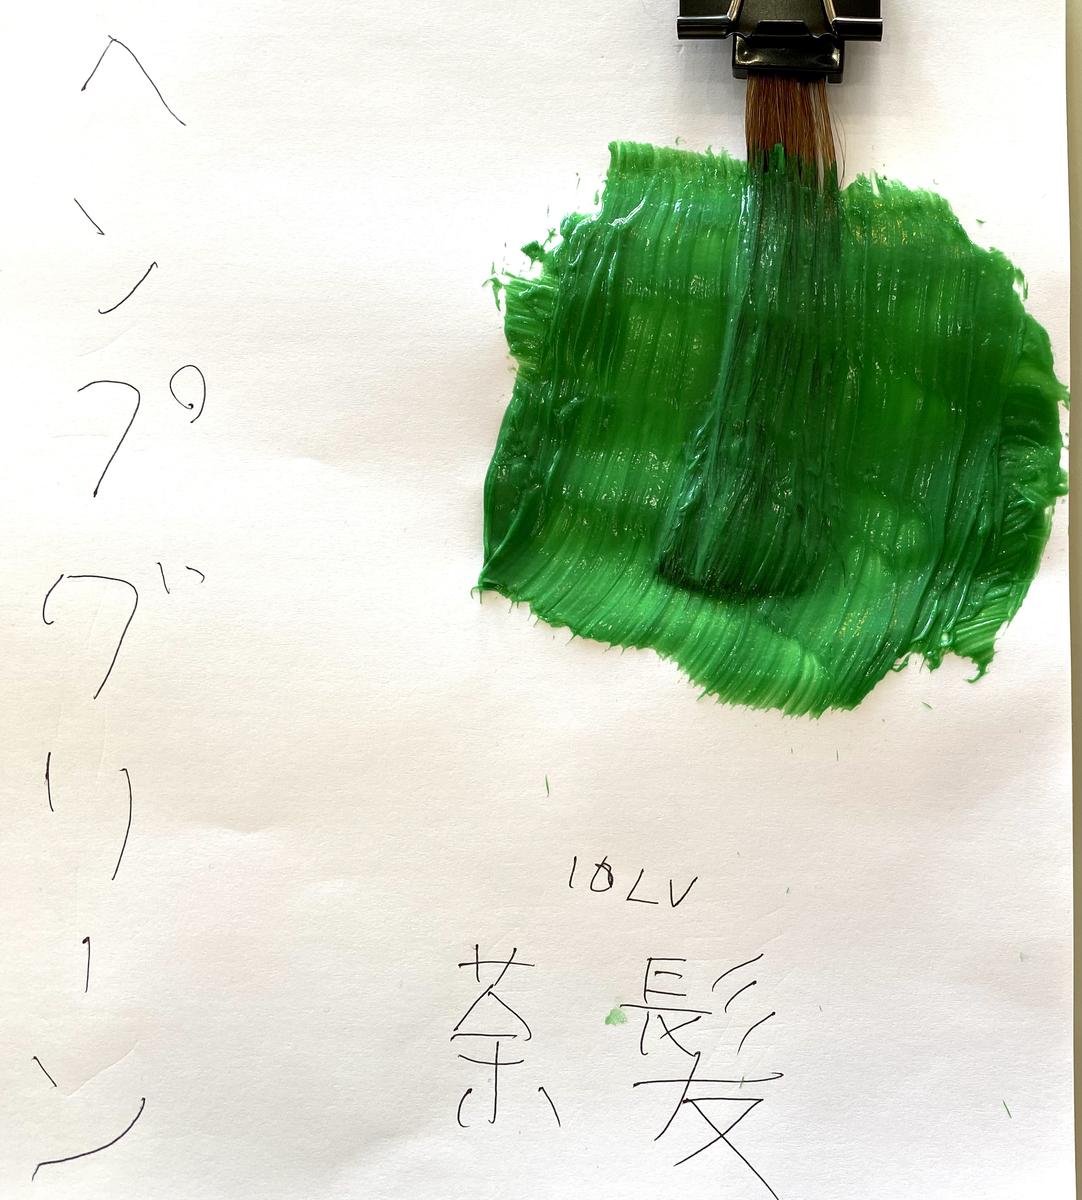 ヘンプグリーンで染めてる最中の茶髪の毛束